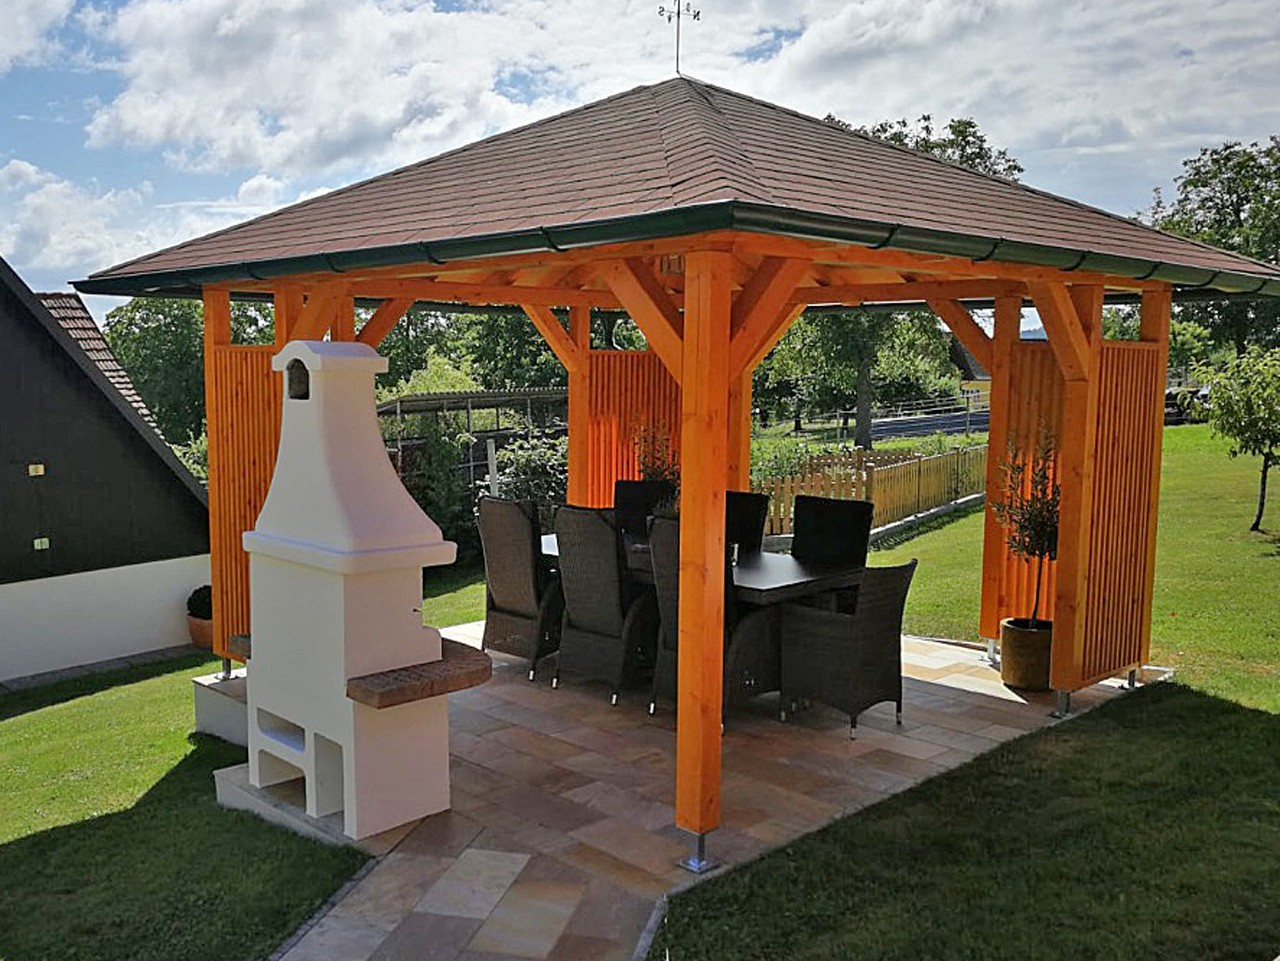 Pavillon Gartenpavillon Gartenhaus Holzhaus Geratehutte